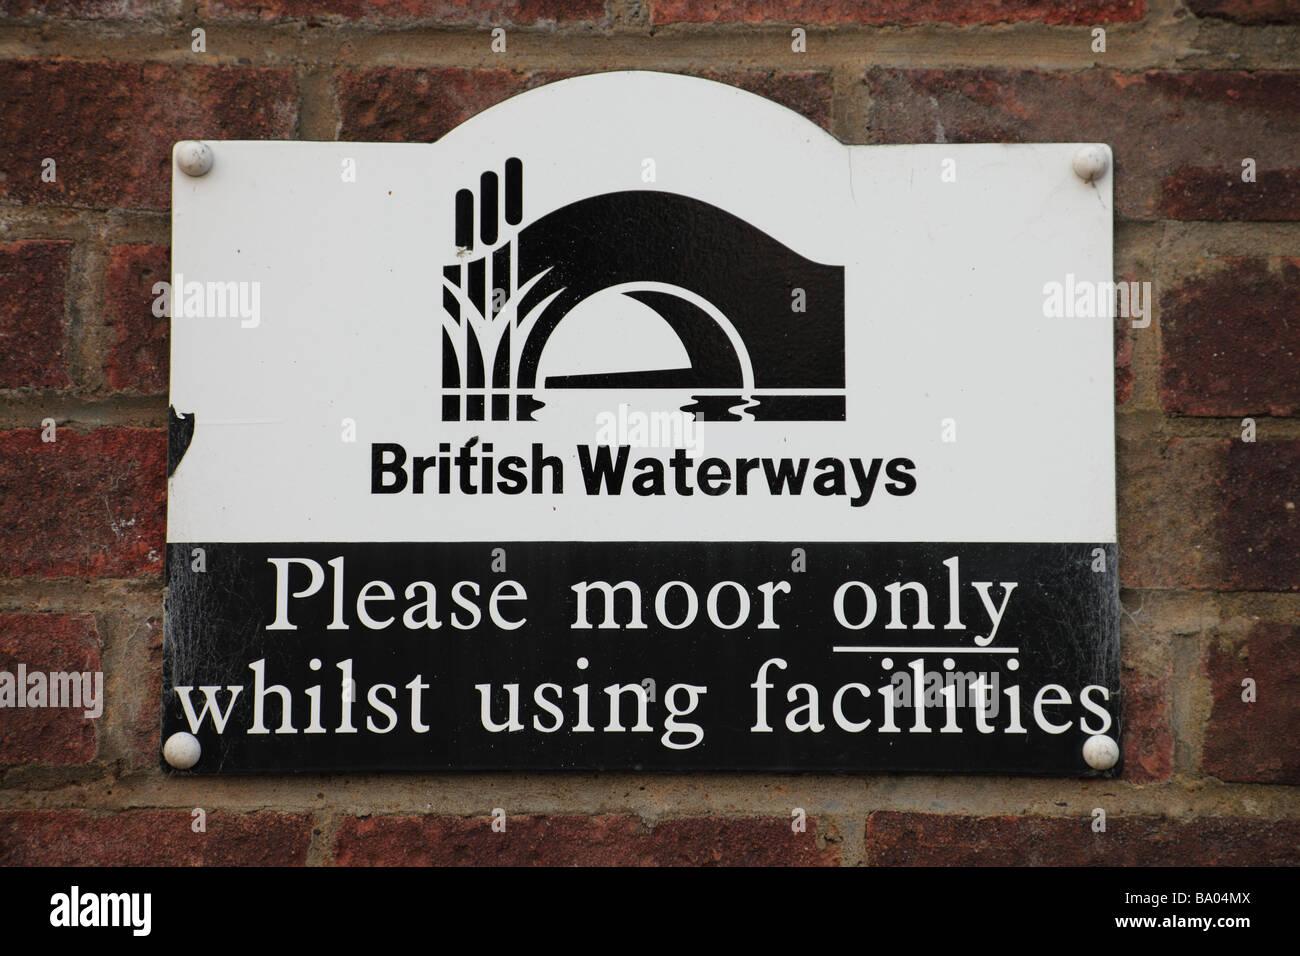 British Waterways sign - Stock Image